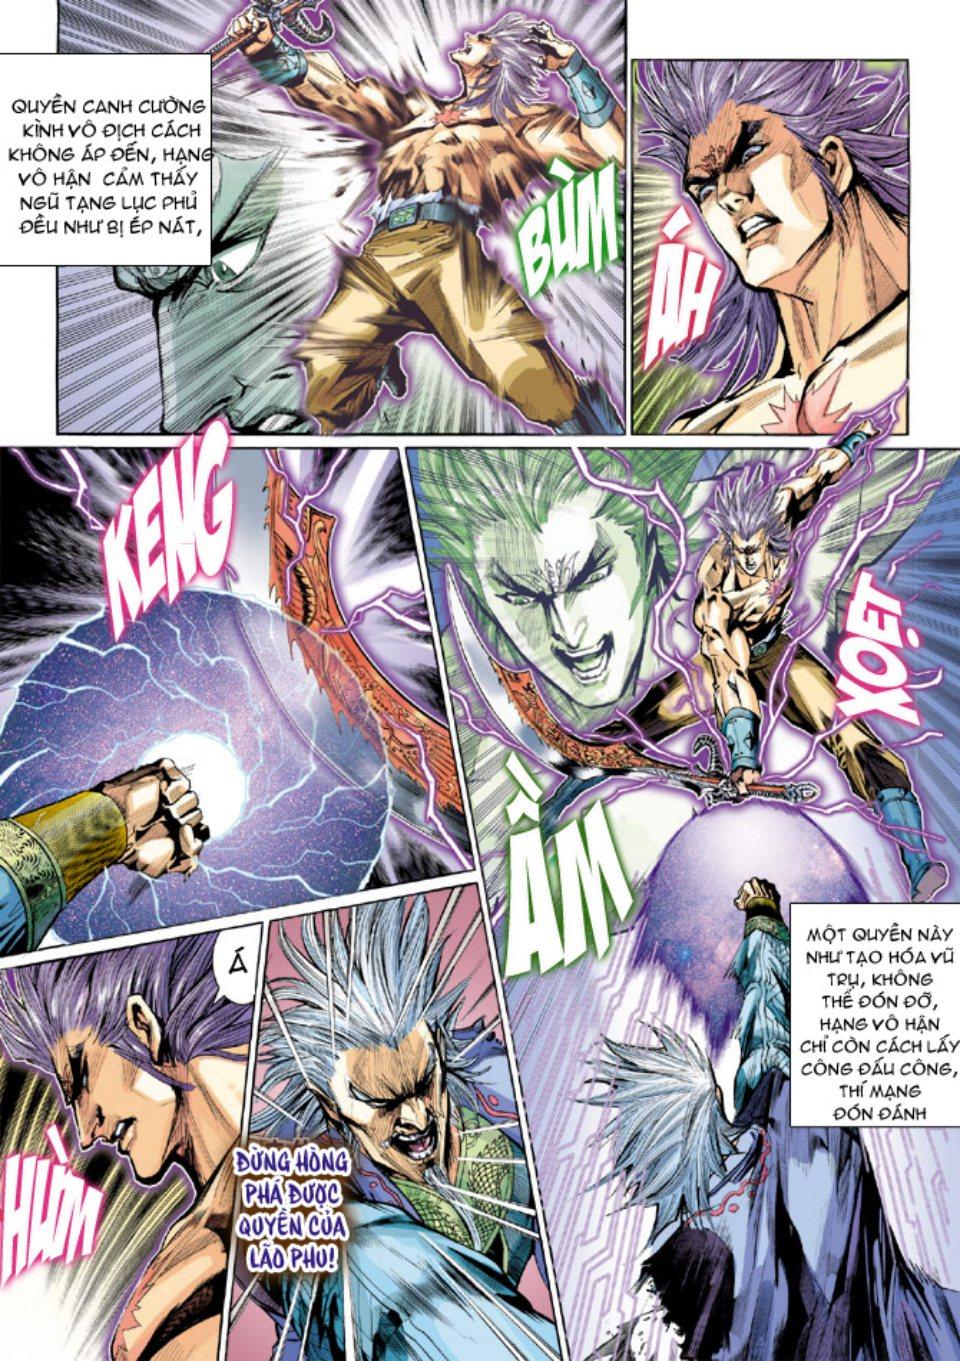 Thiên Tử Truyền Kỳ 5 – Như Lai Thần Chưởng chap 214 – End Trang 15 - Mangak.info